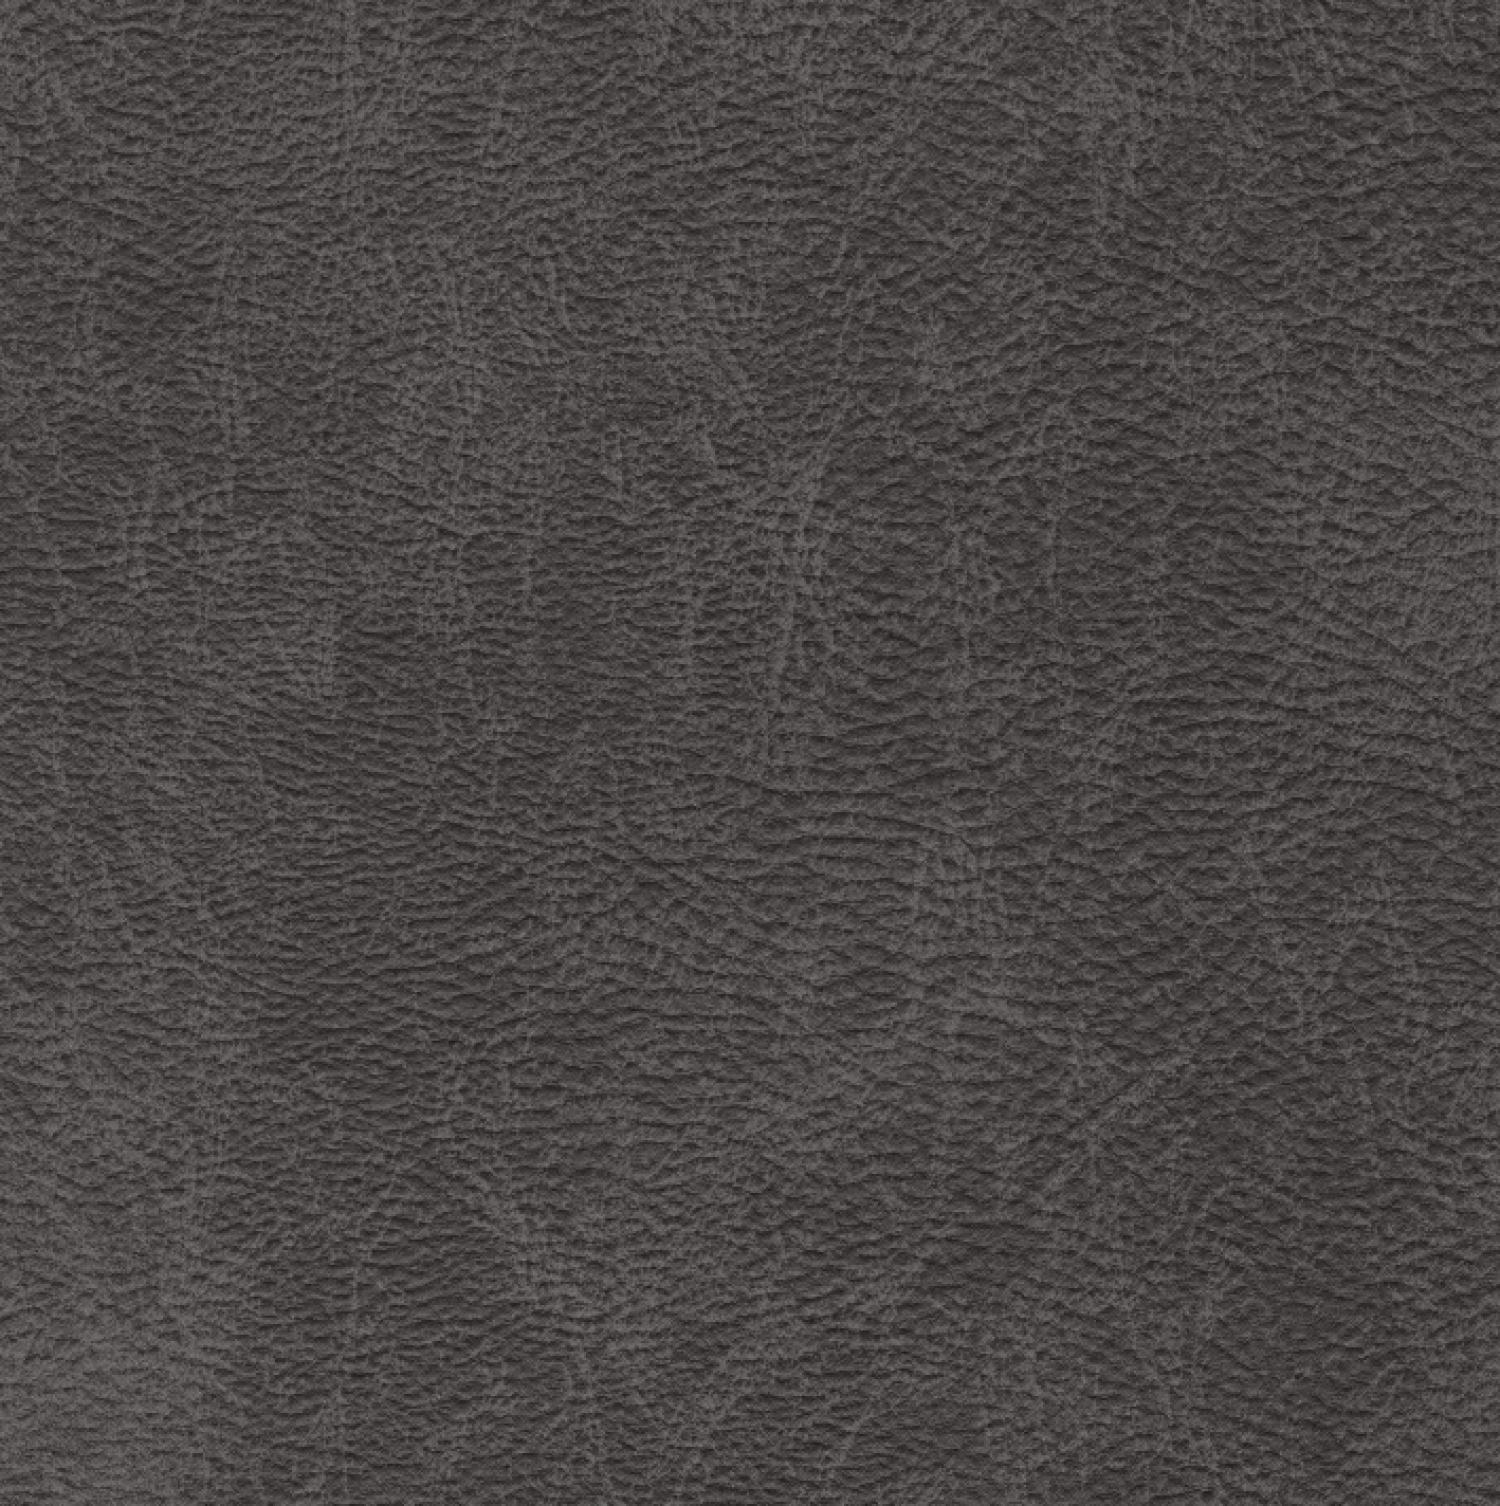 Коллекция ткани Western 05,  купить ткань Велюр для мебели Украина